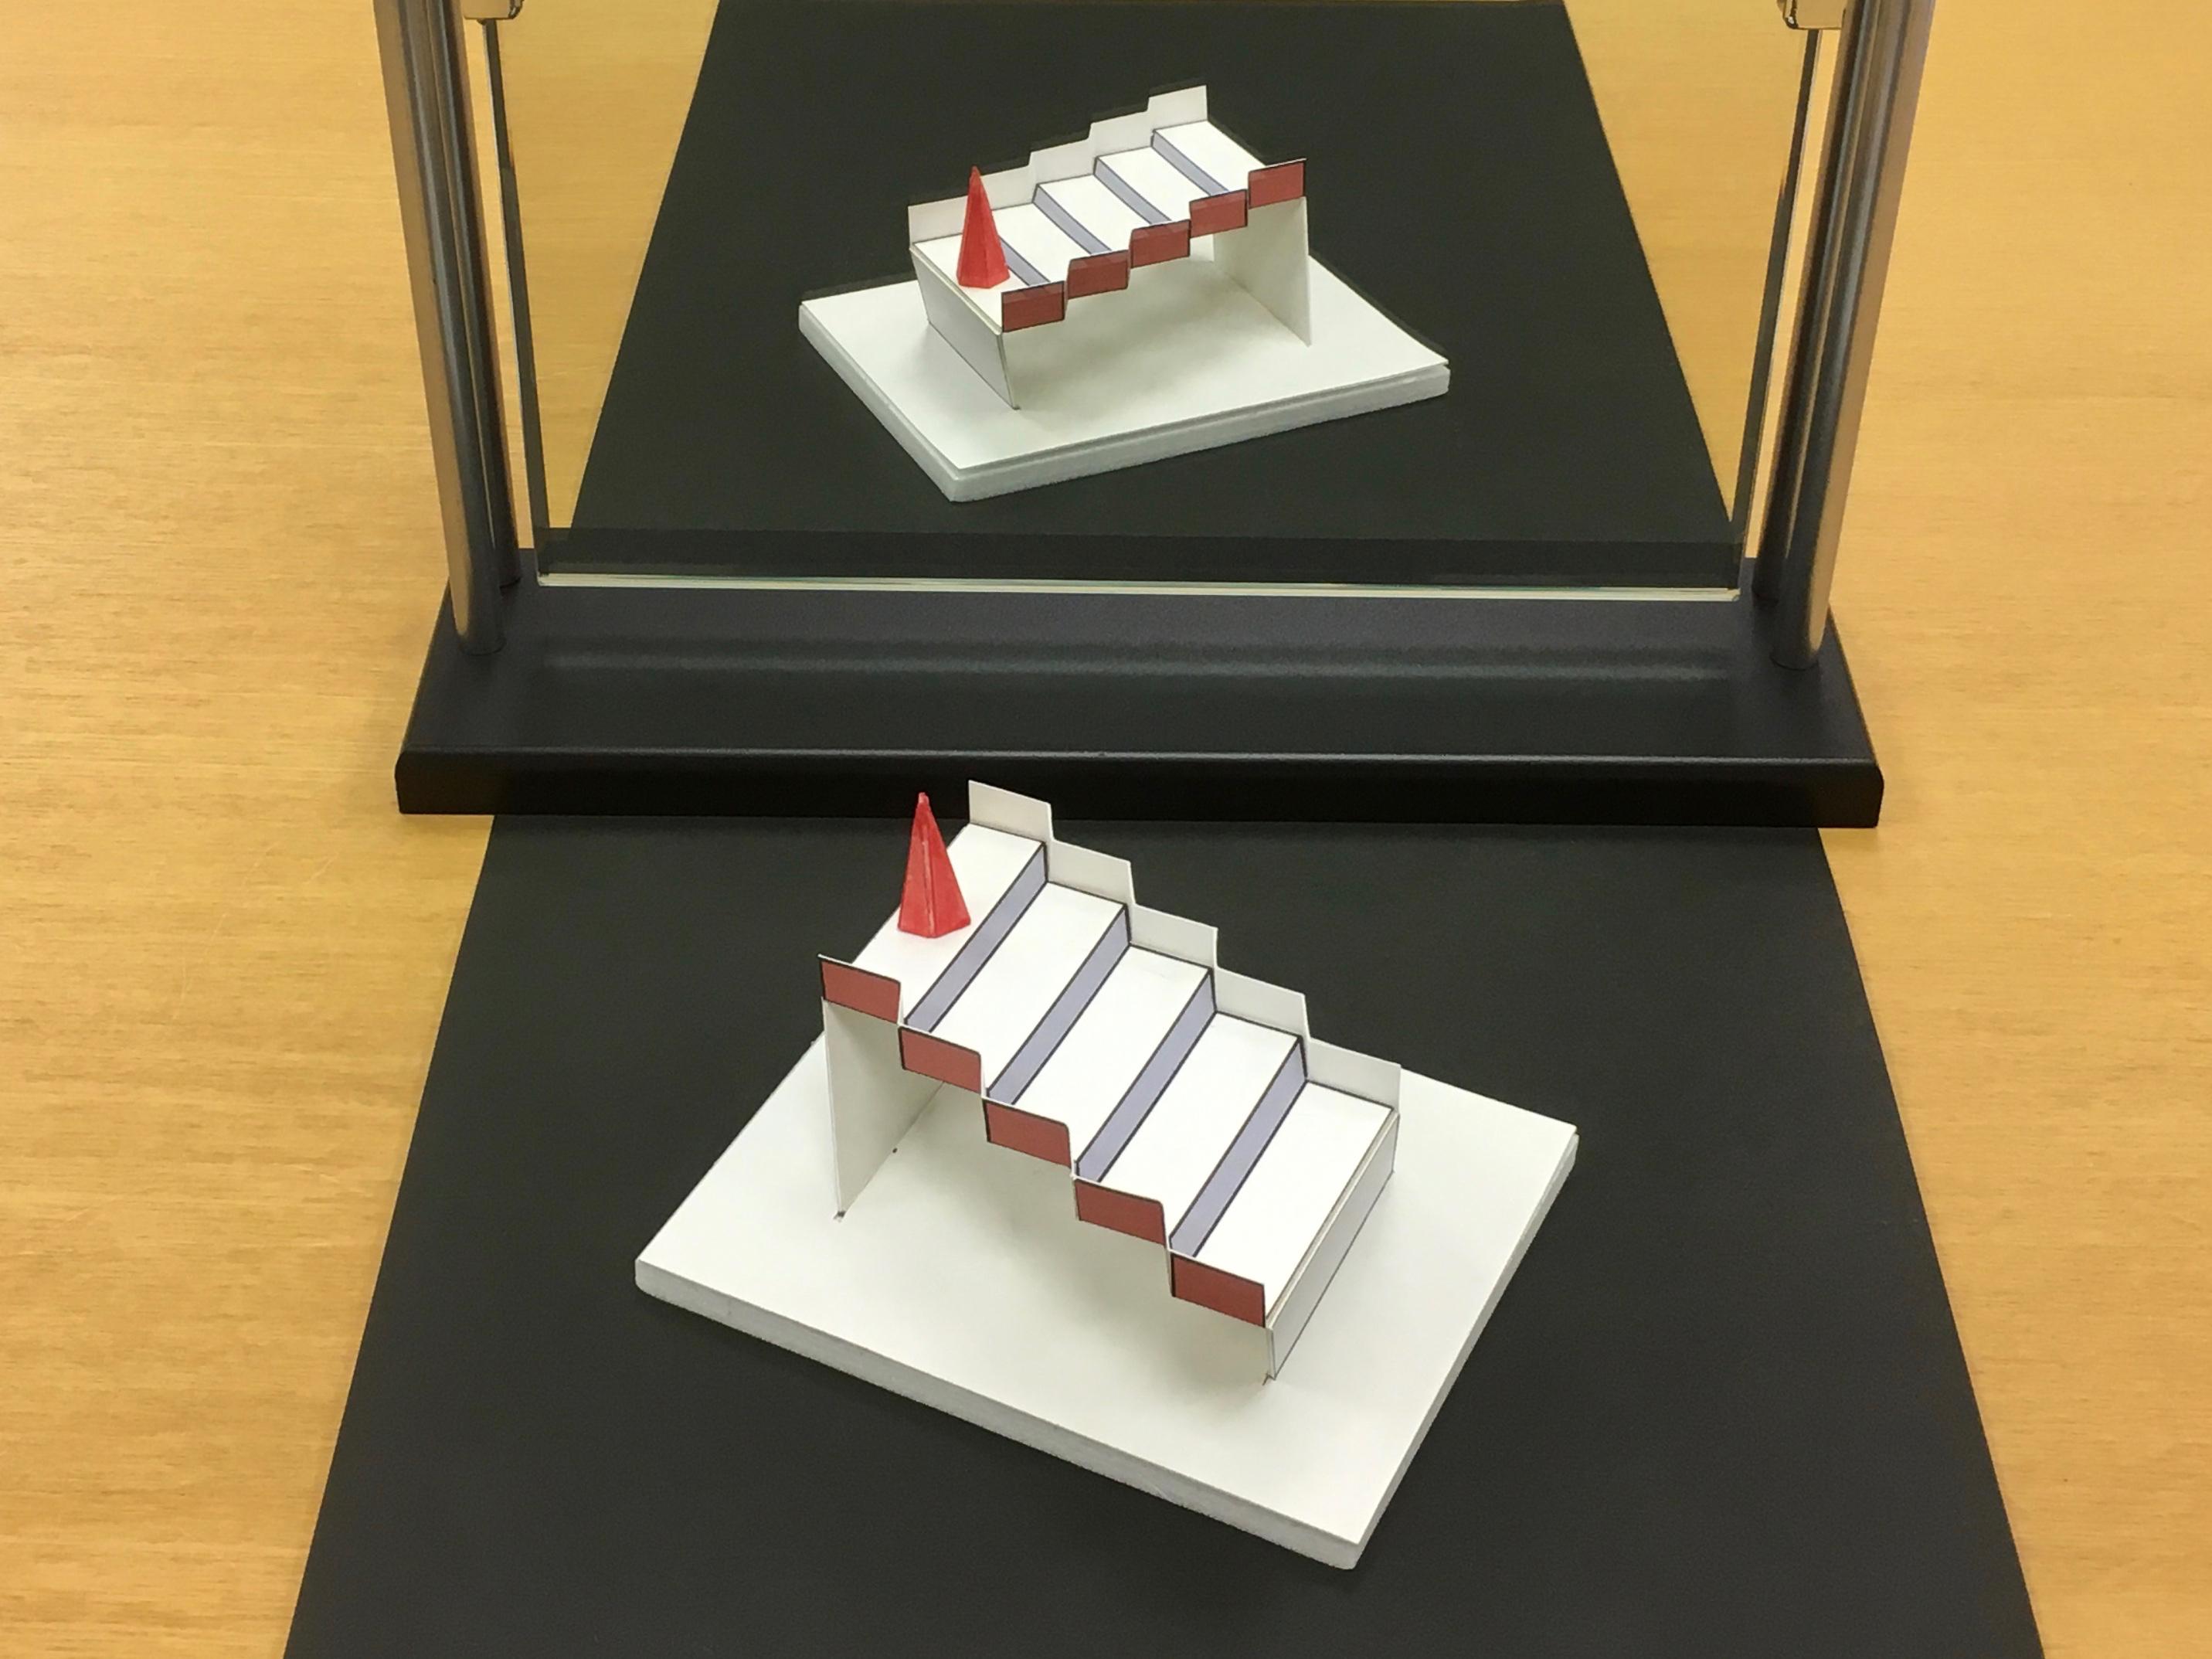 3次元シュレーダー階段